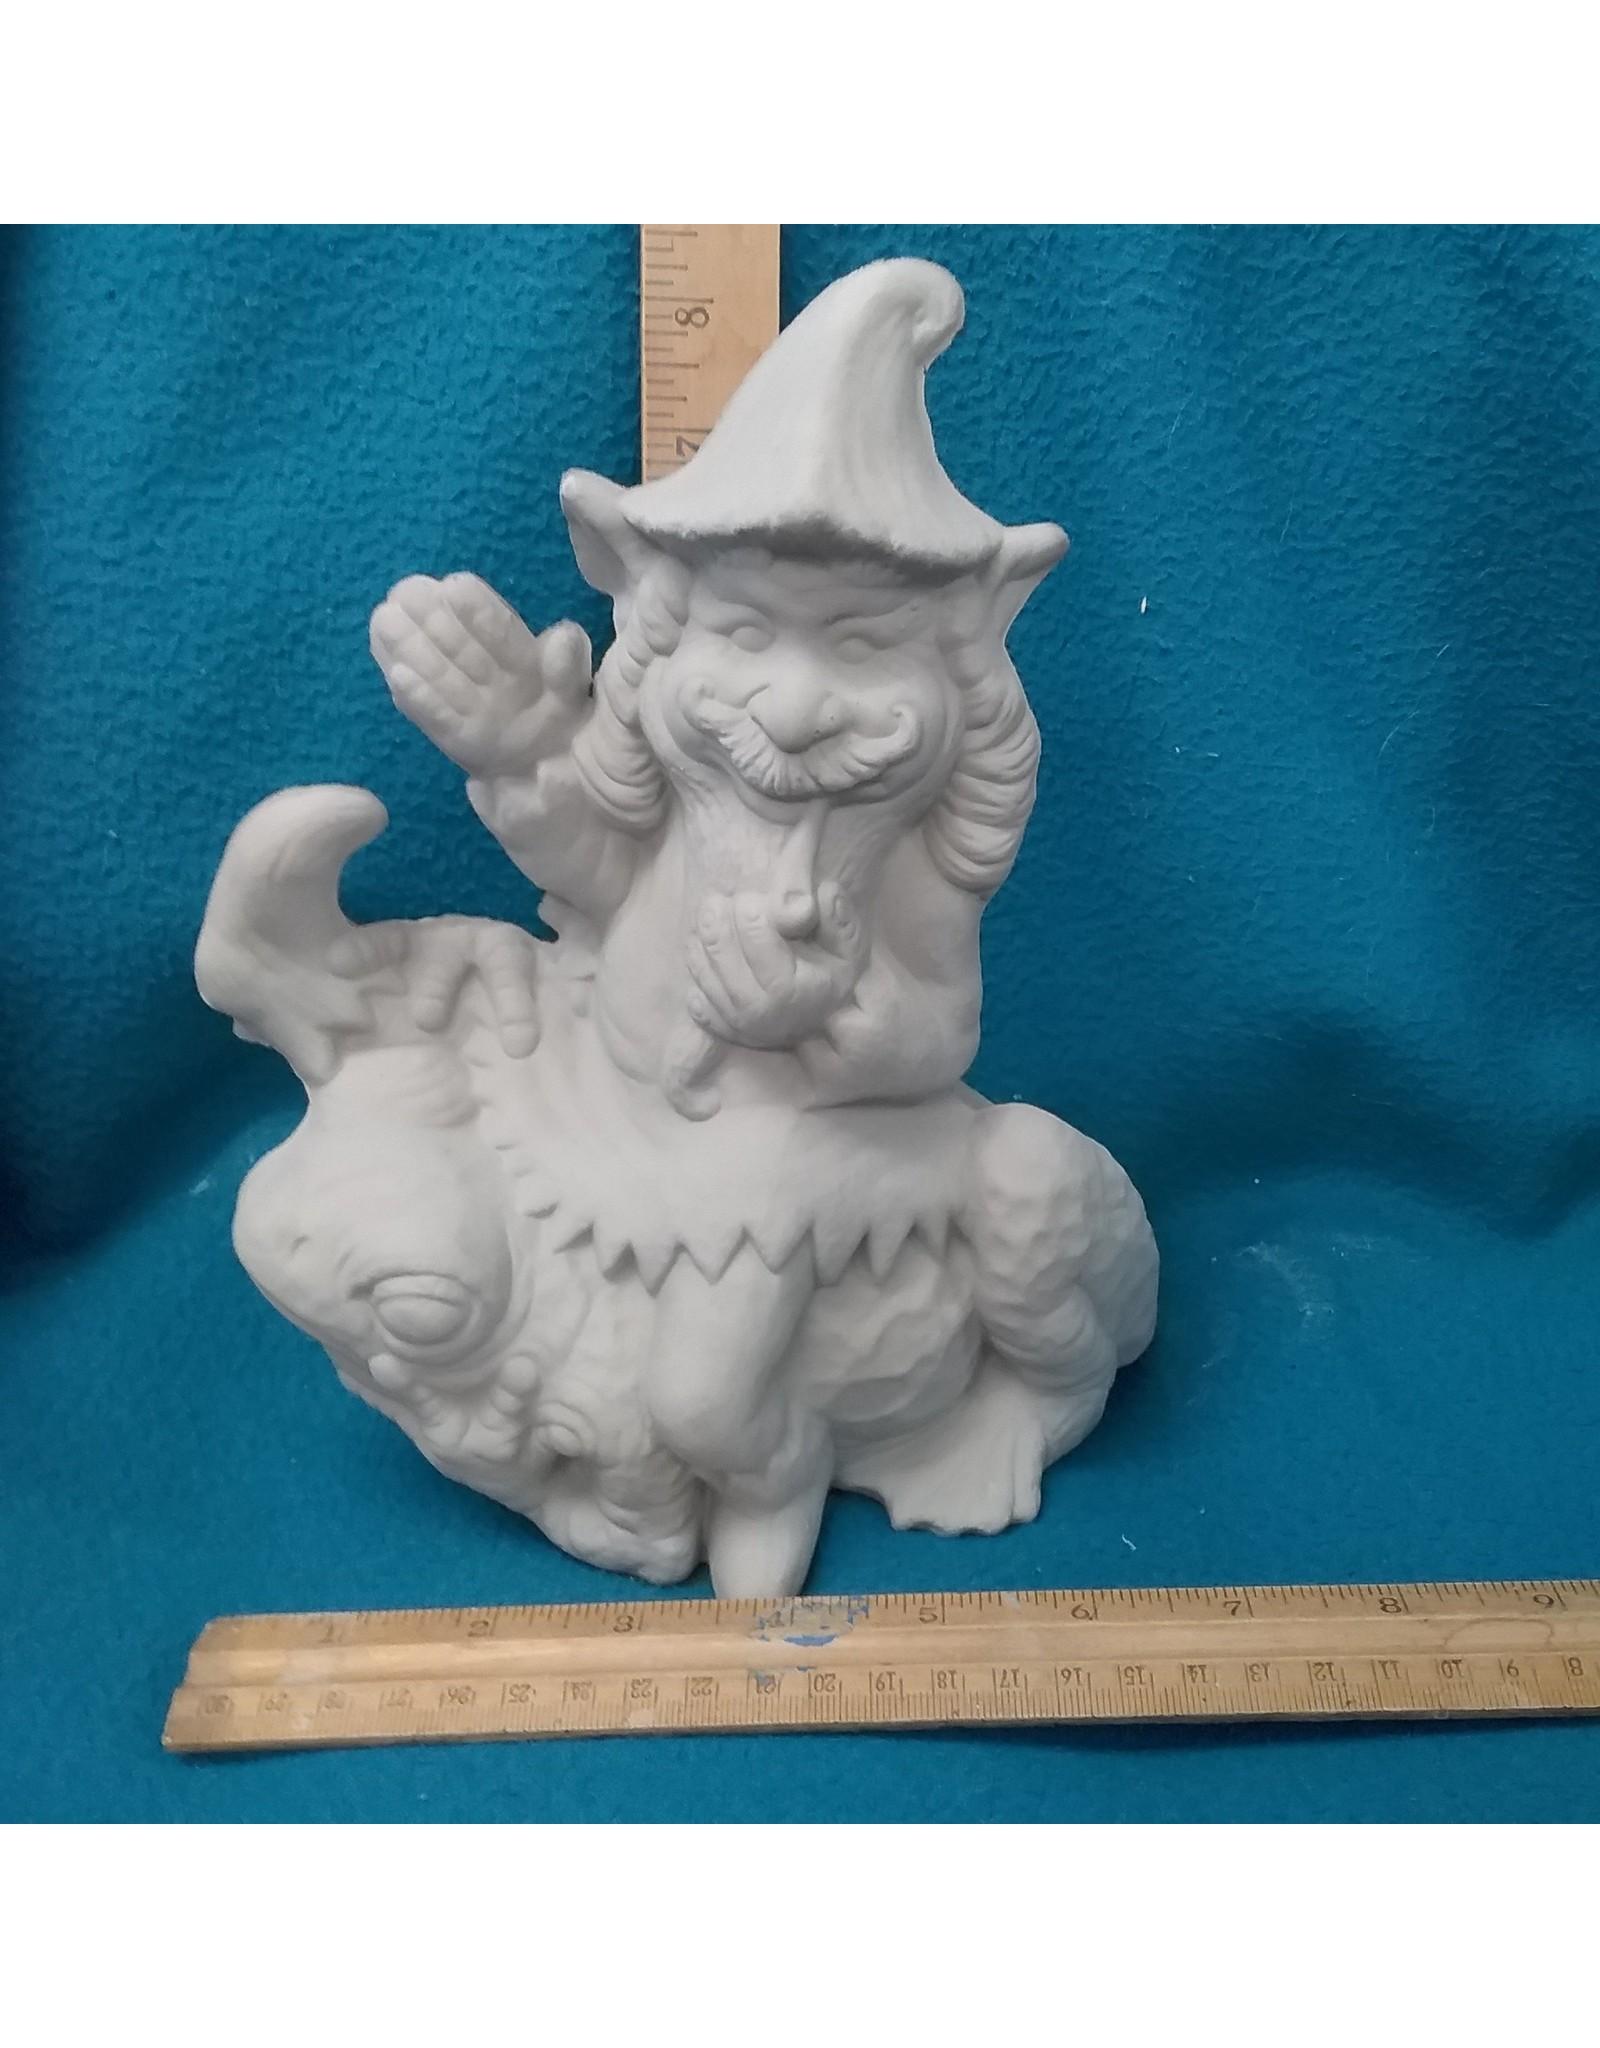 ART KIT Art Kit: Gnome #2